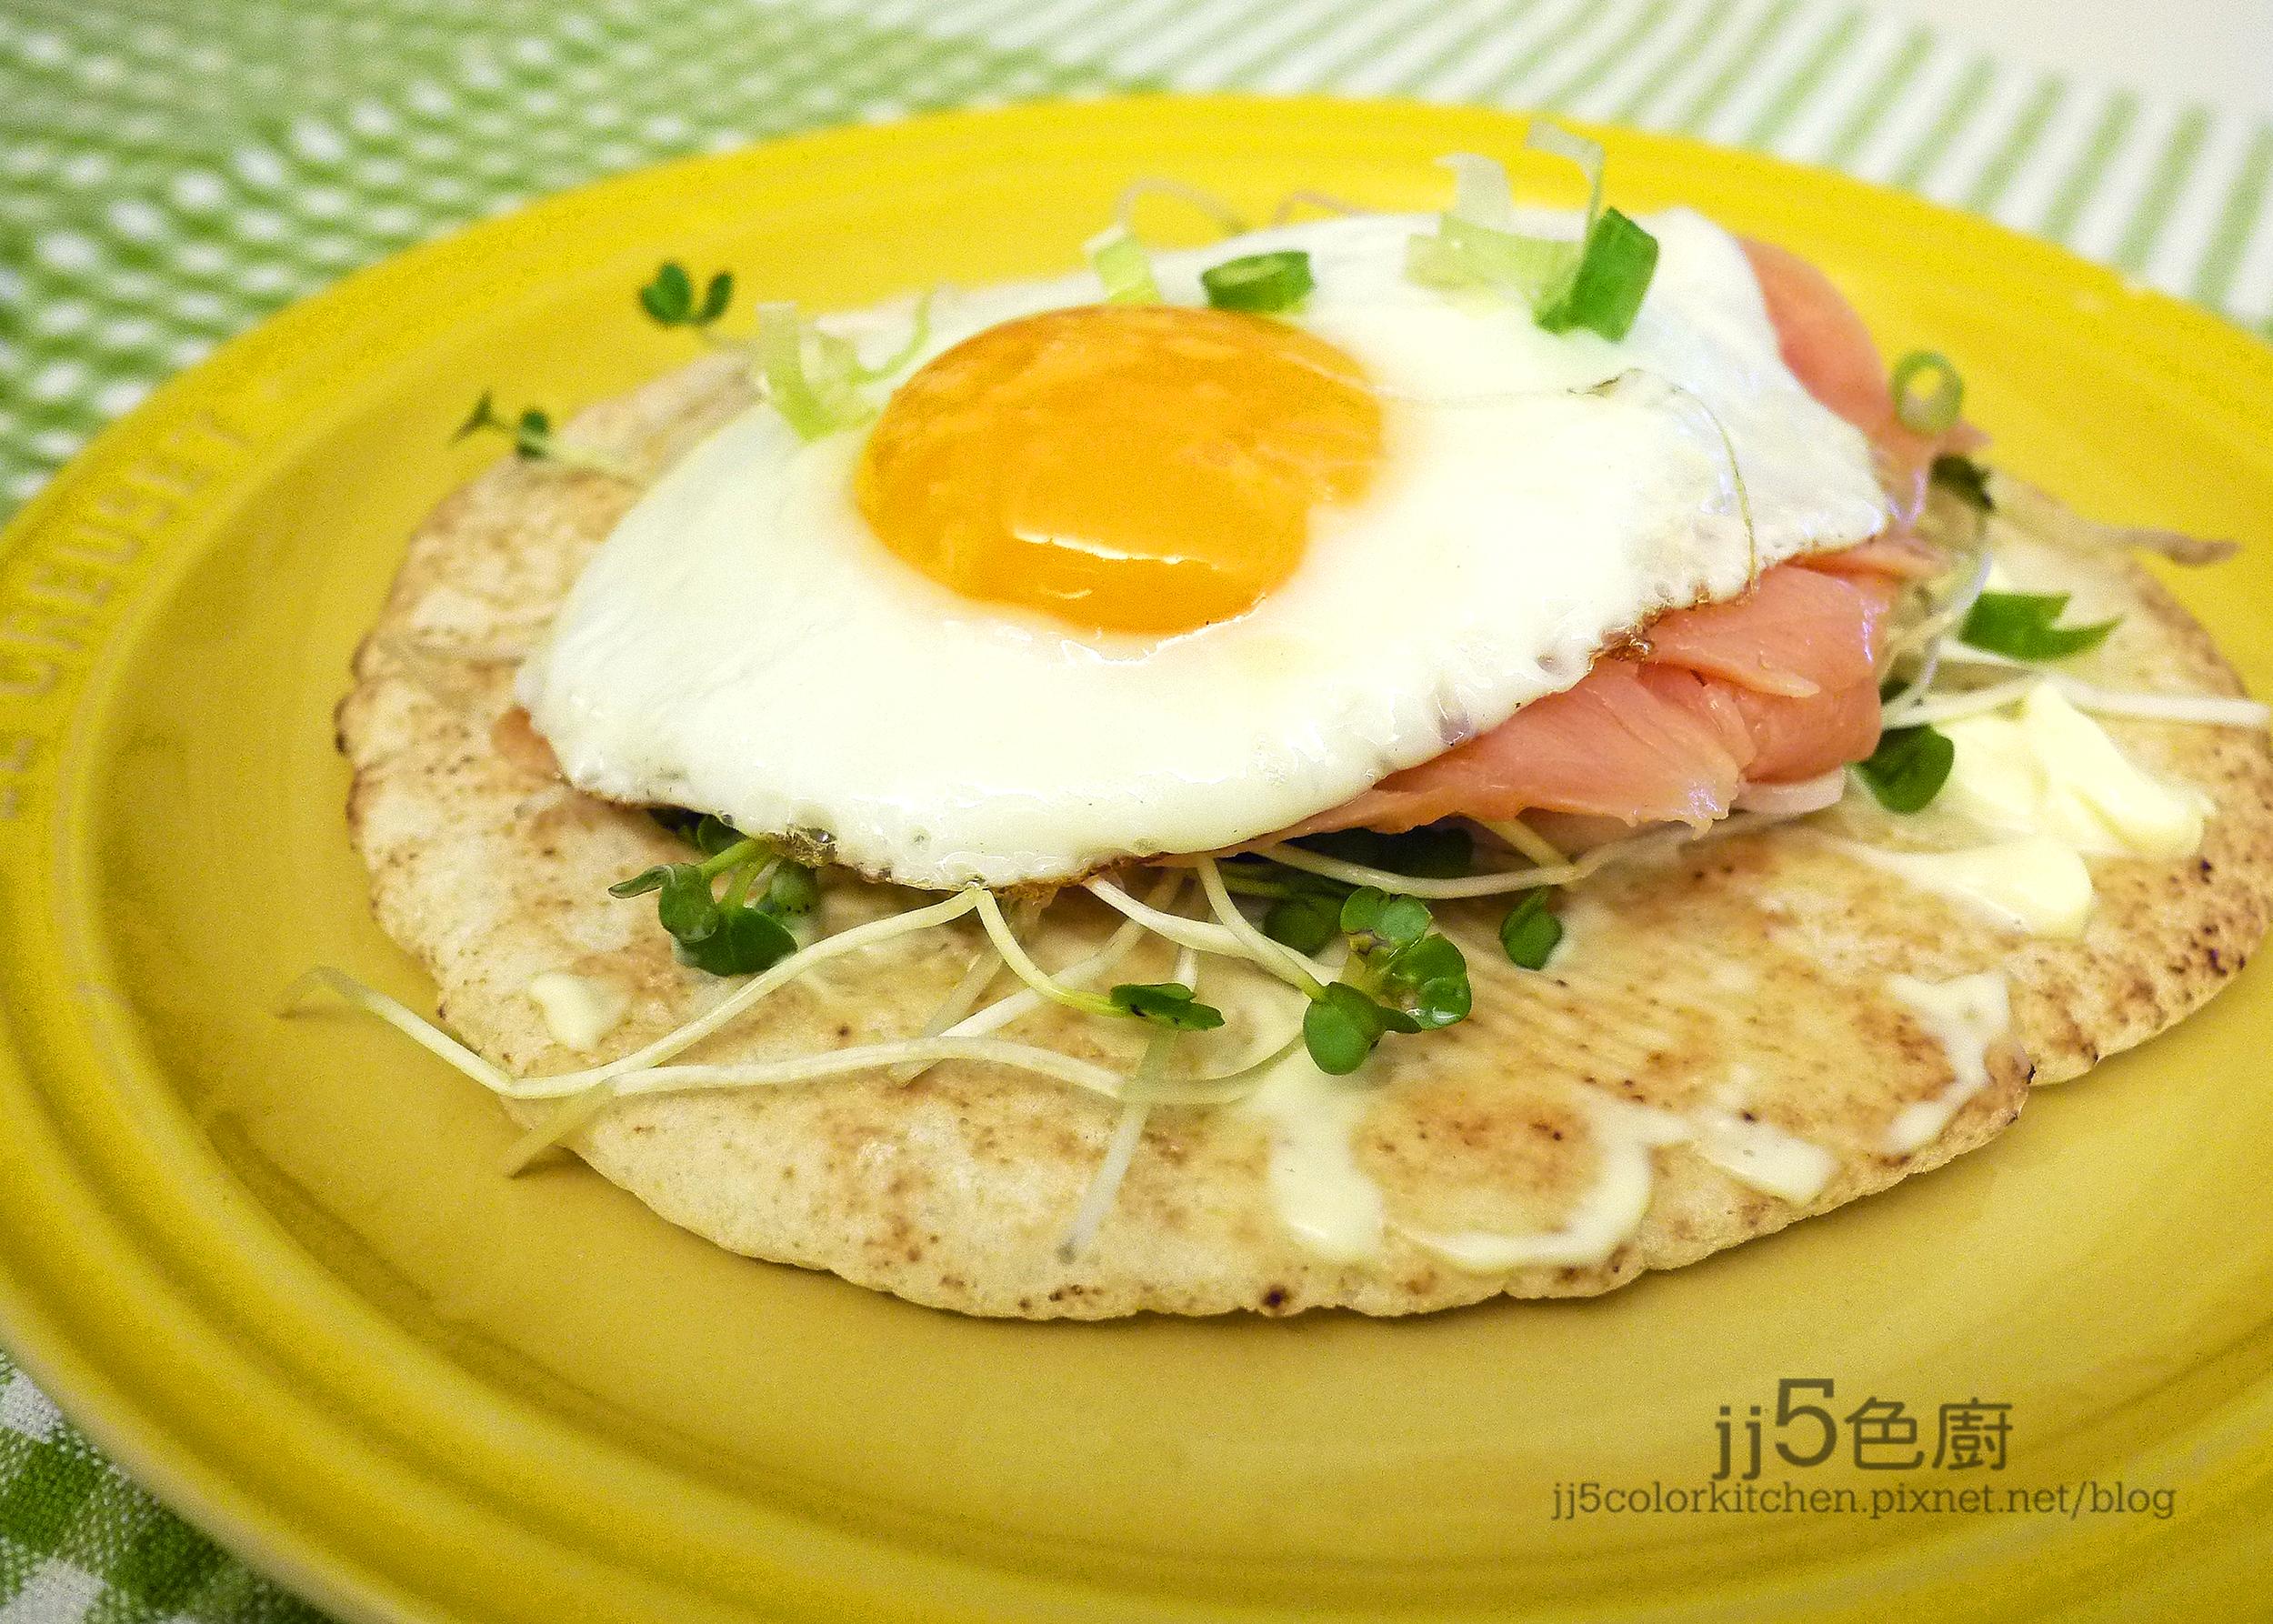 【輕食】燻鮭太陽蛋皮塔餅